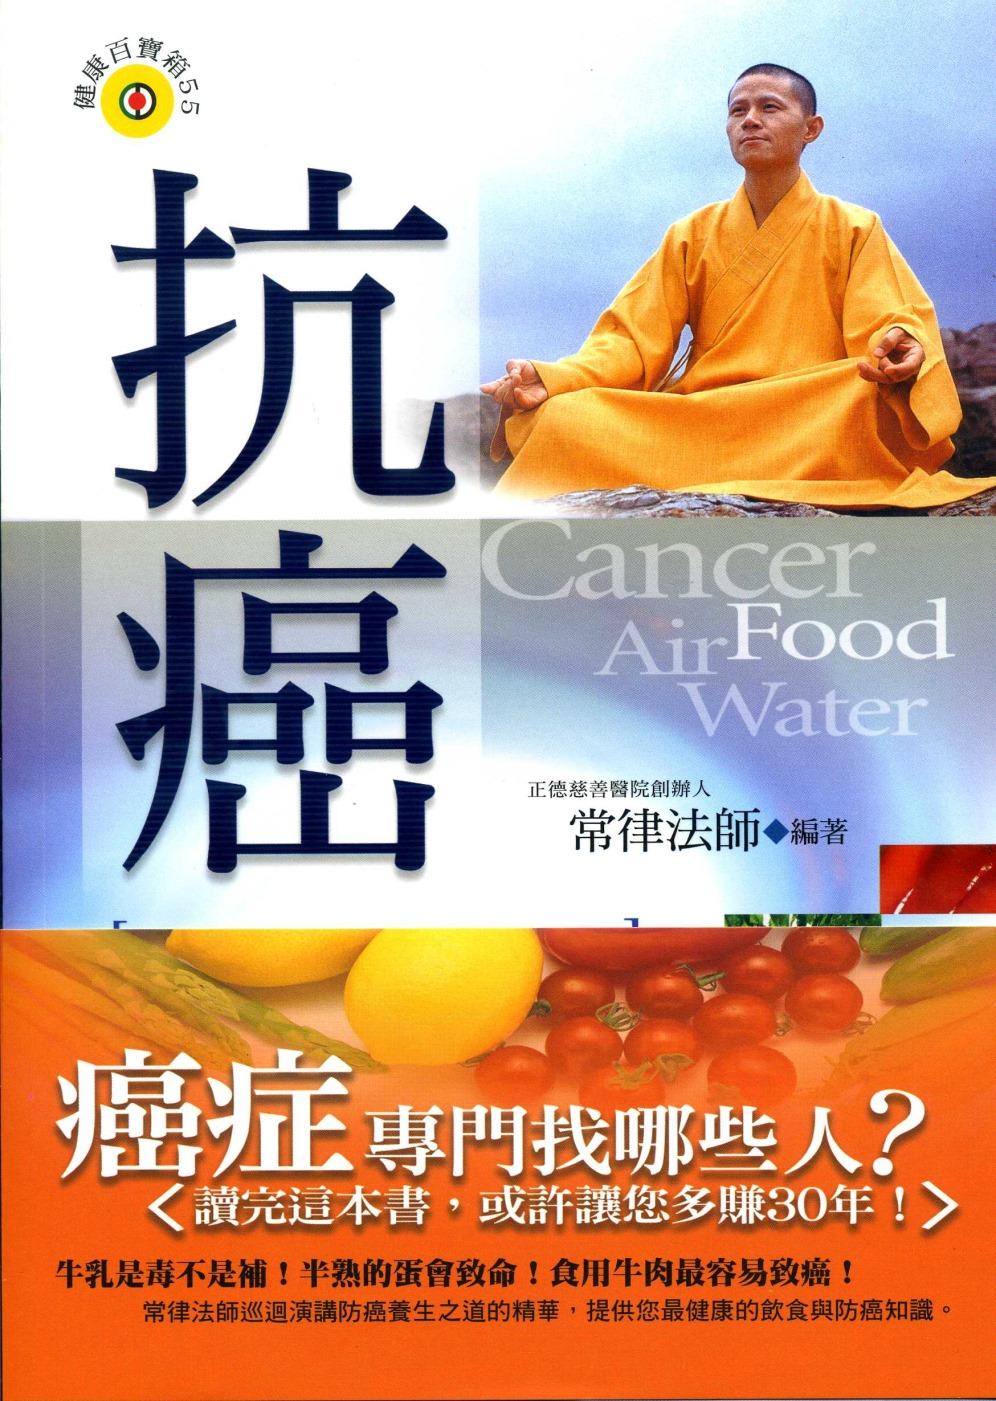 抗癌:飲食.空氣.水與健康